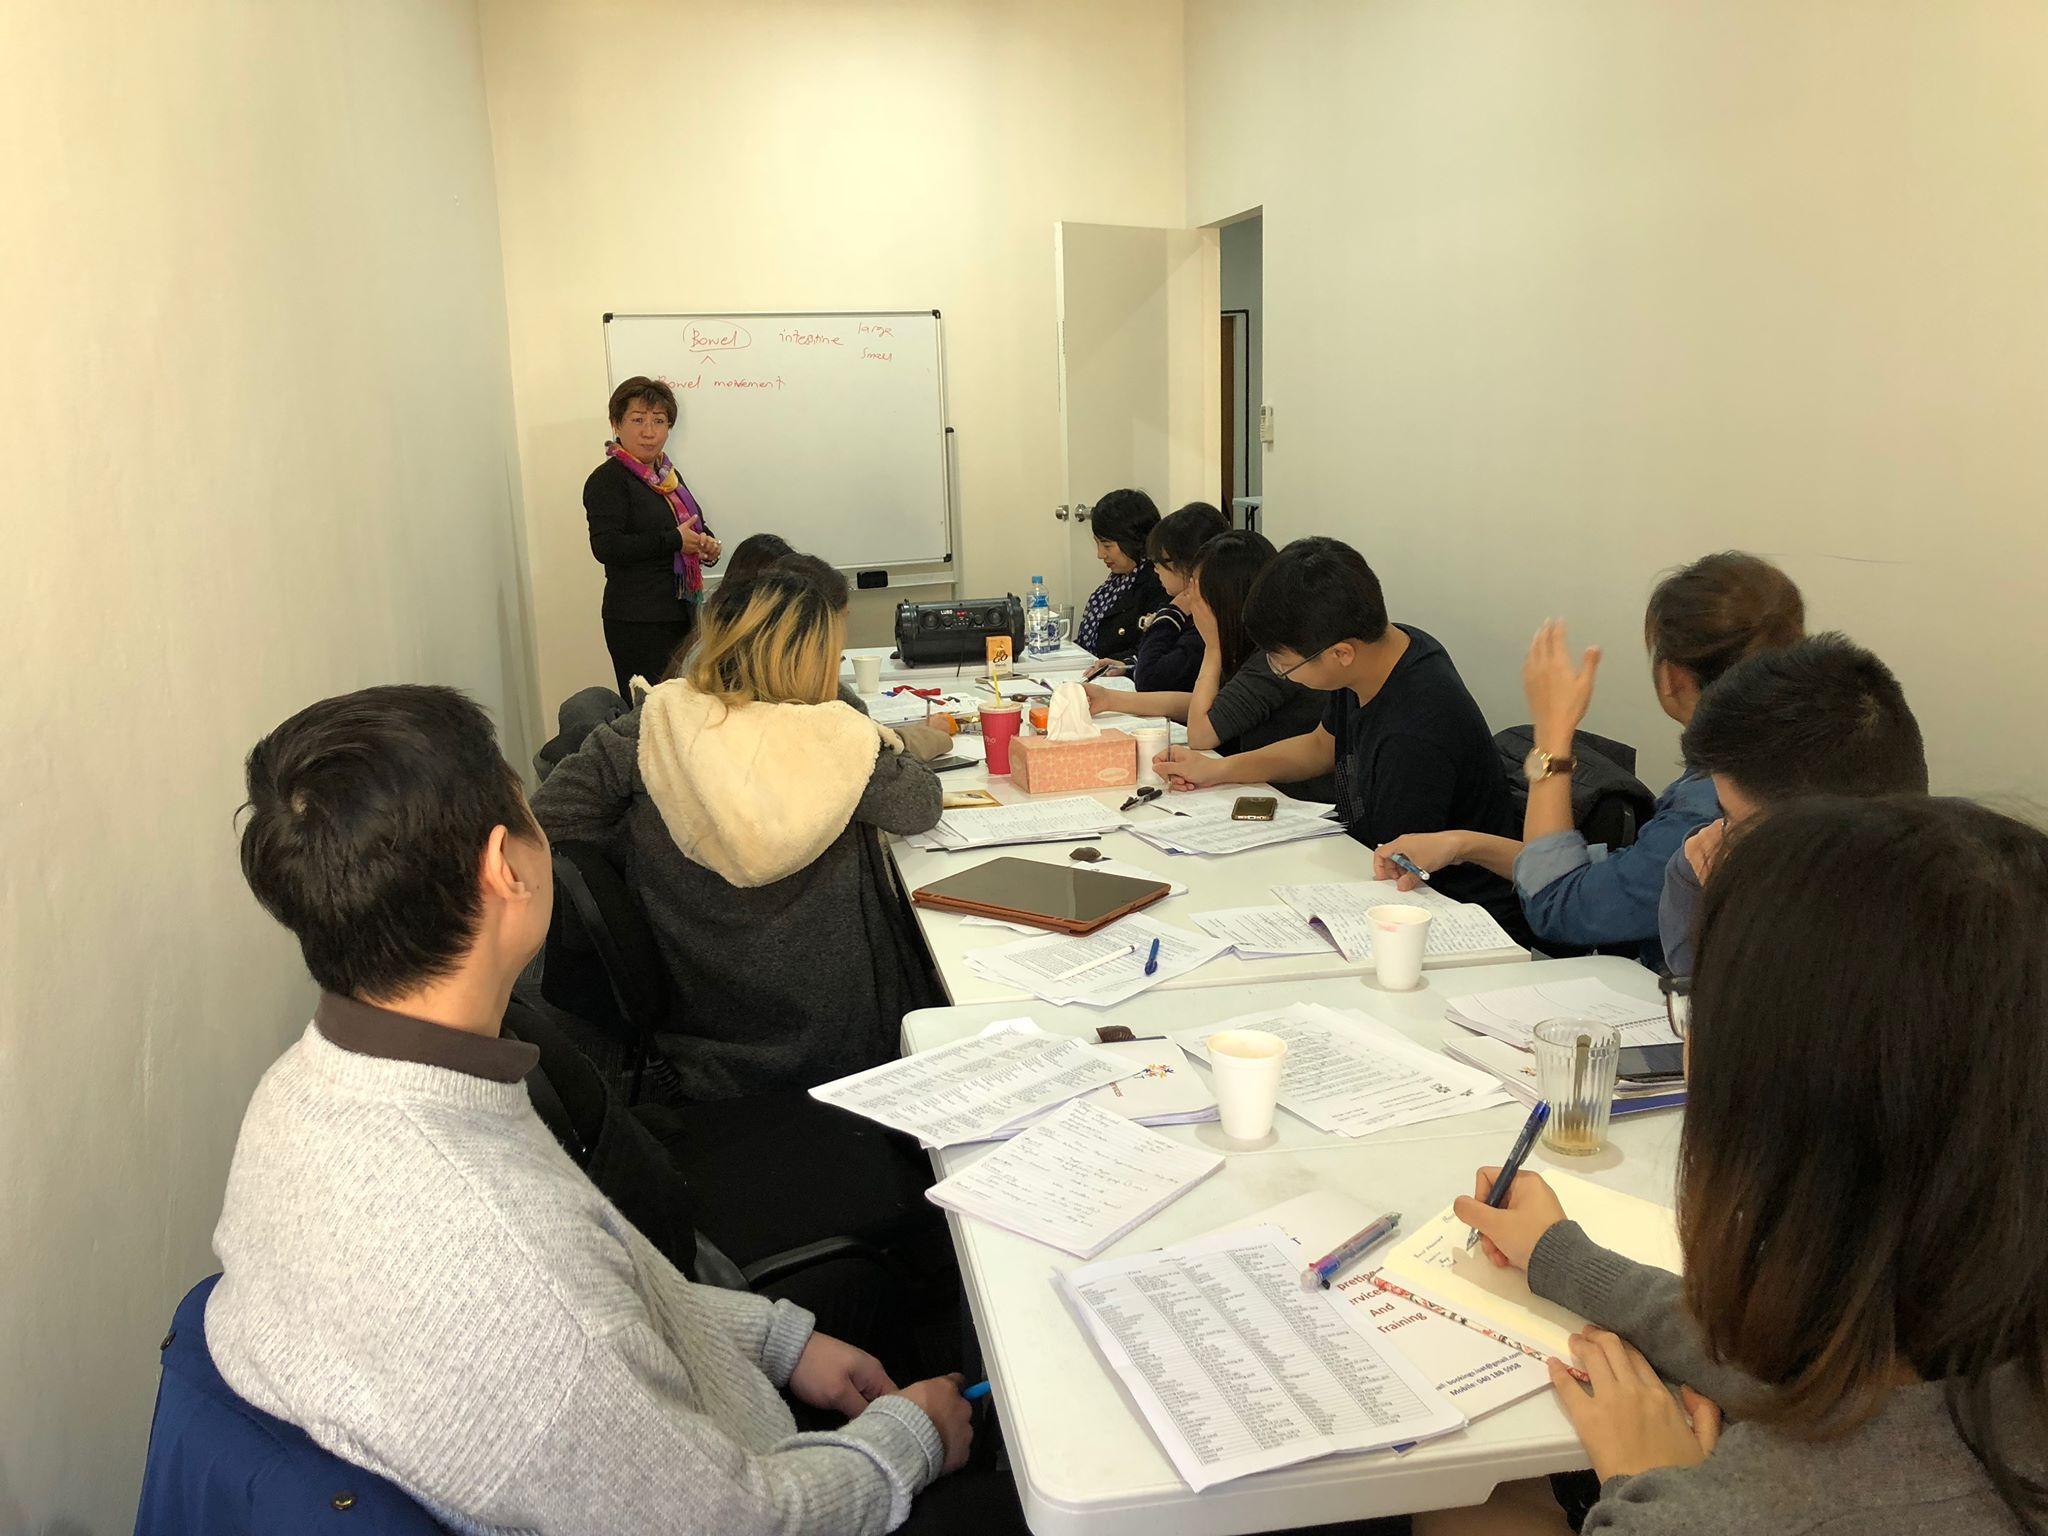 Lớp học CLL cô Thu Hua3 - Cách thêm 5 điểm vào hồ sơ quốc tịch Úc dễ dàng với bài thi NAATI CCL 2018